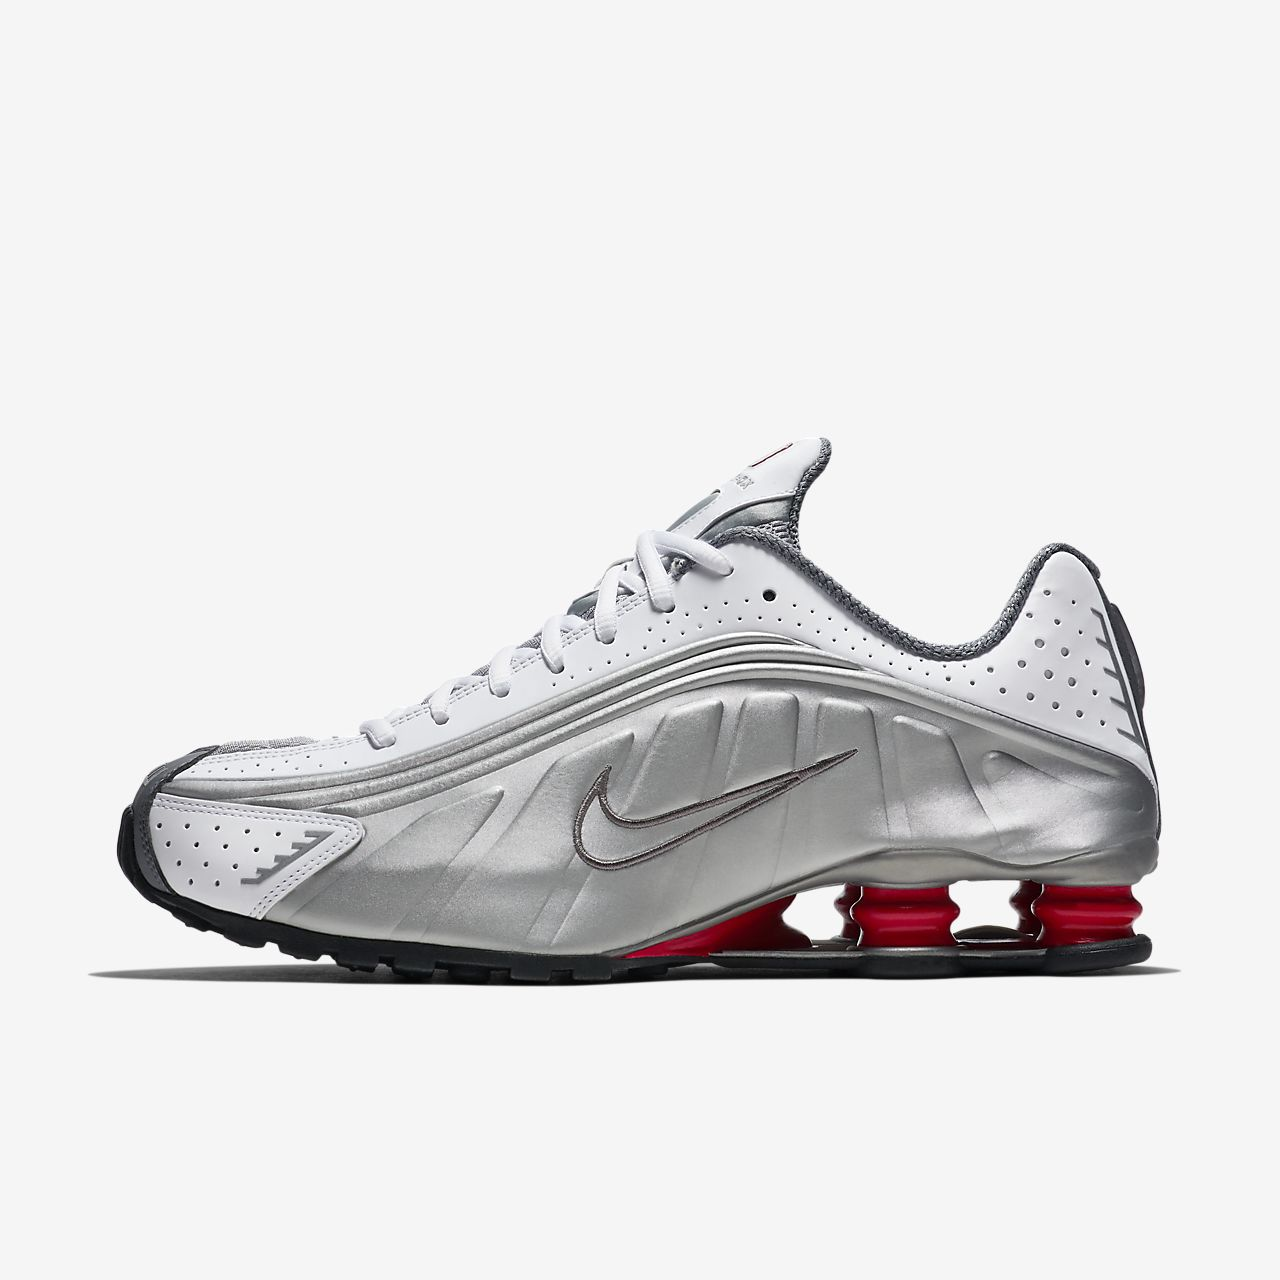 Sapatilhas Nike Shox R4